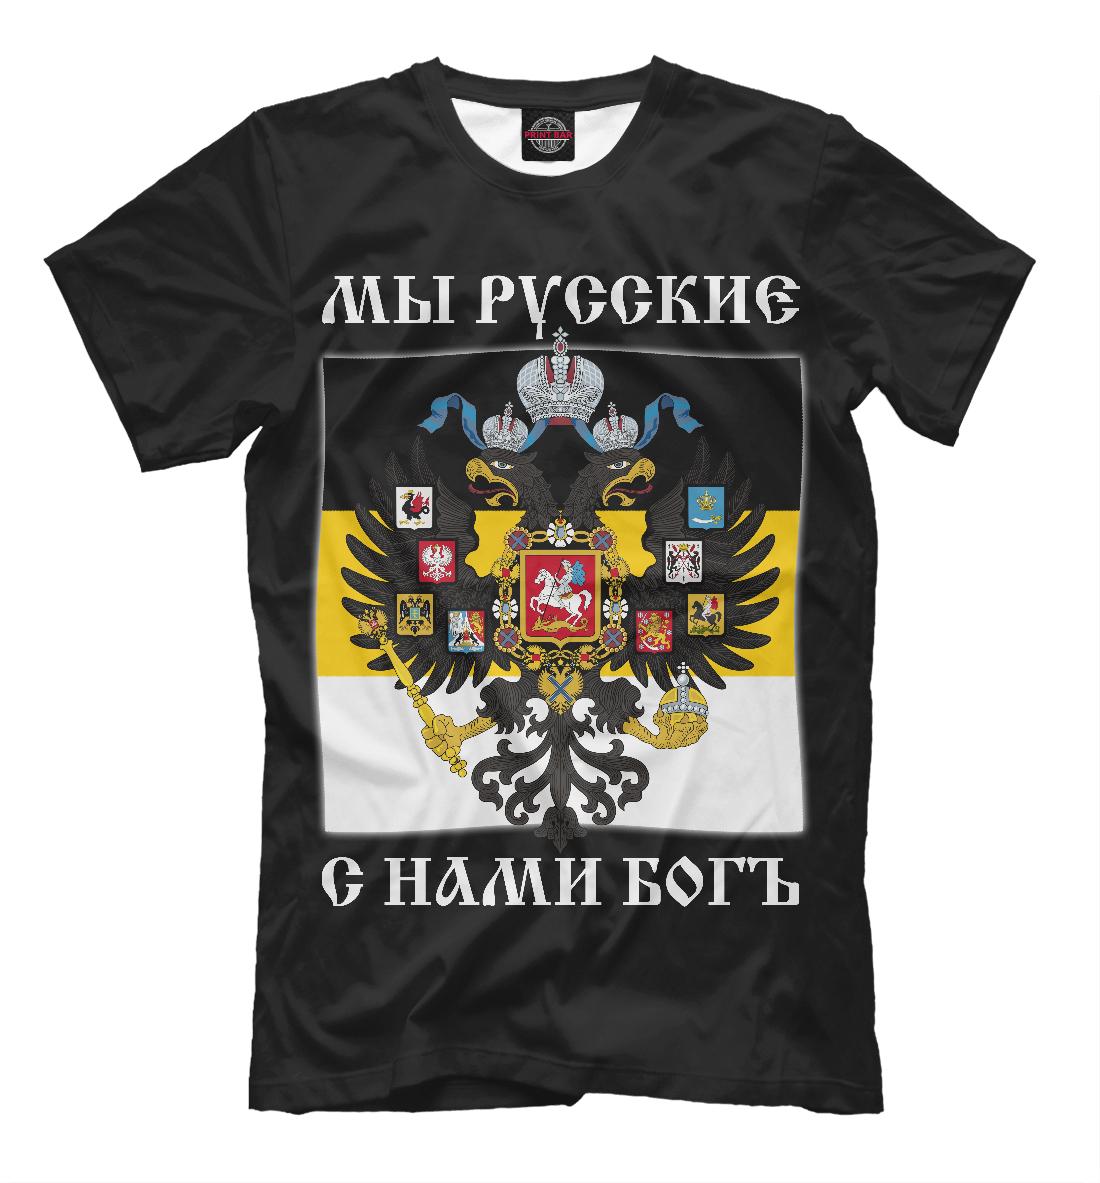 Картинка мы русские с нами бог